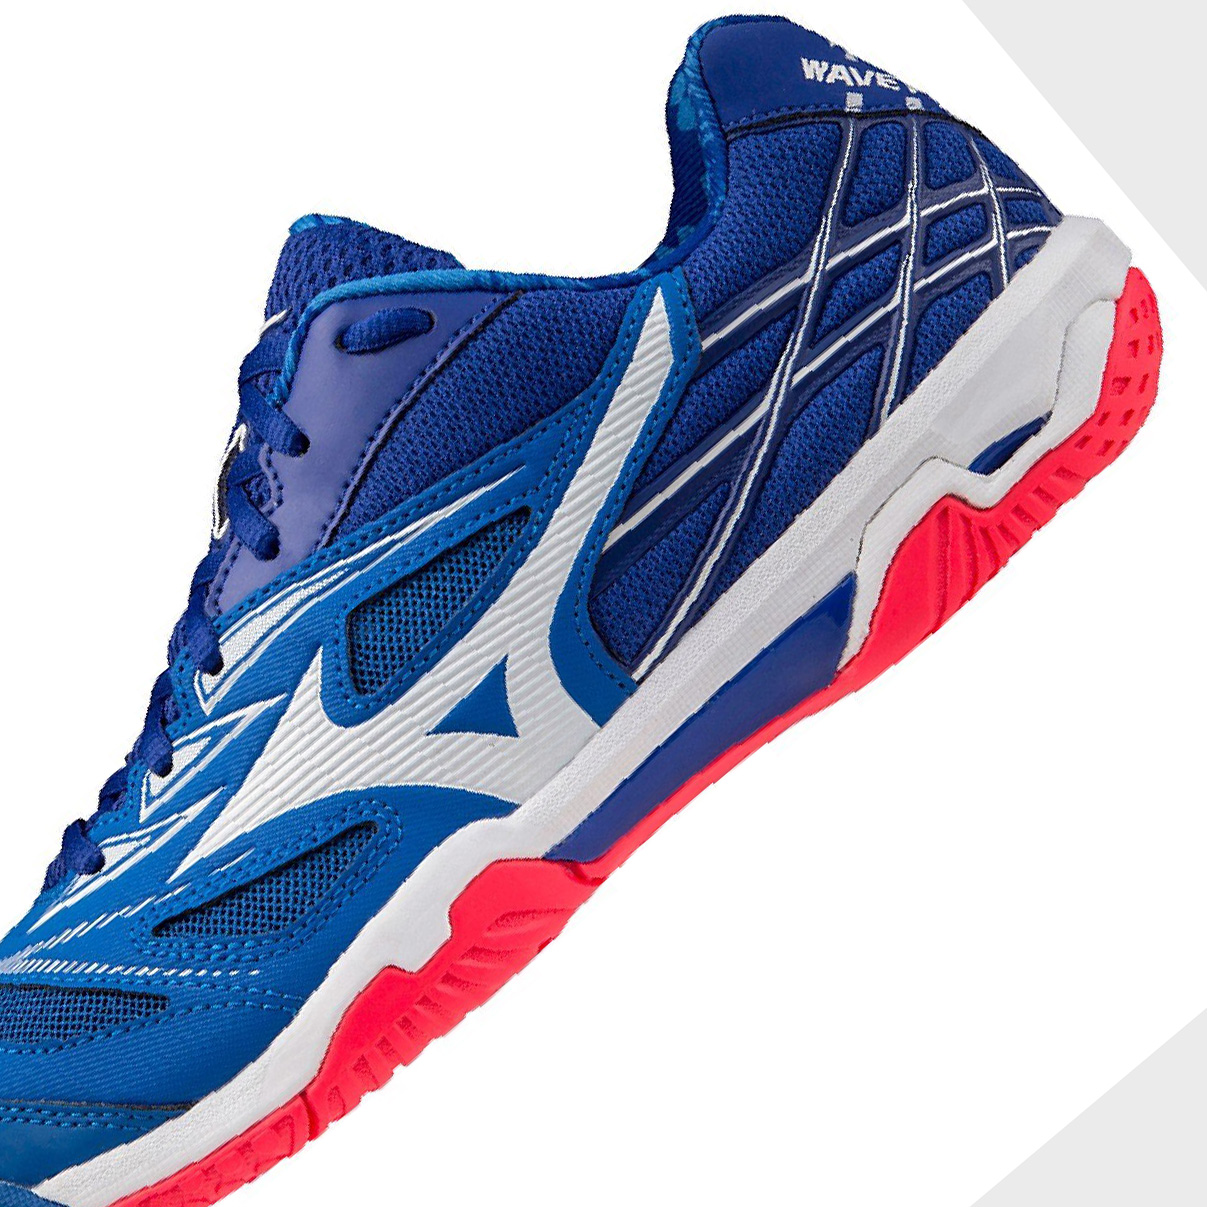 Giày cầu lông Mizuno WAVE FANG NX chính hãng 71GA205022 MẪU MỚI-TẶNG TẤT  THỂ THAO BENDU - Giày cầu lông nam | EnBac.net